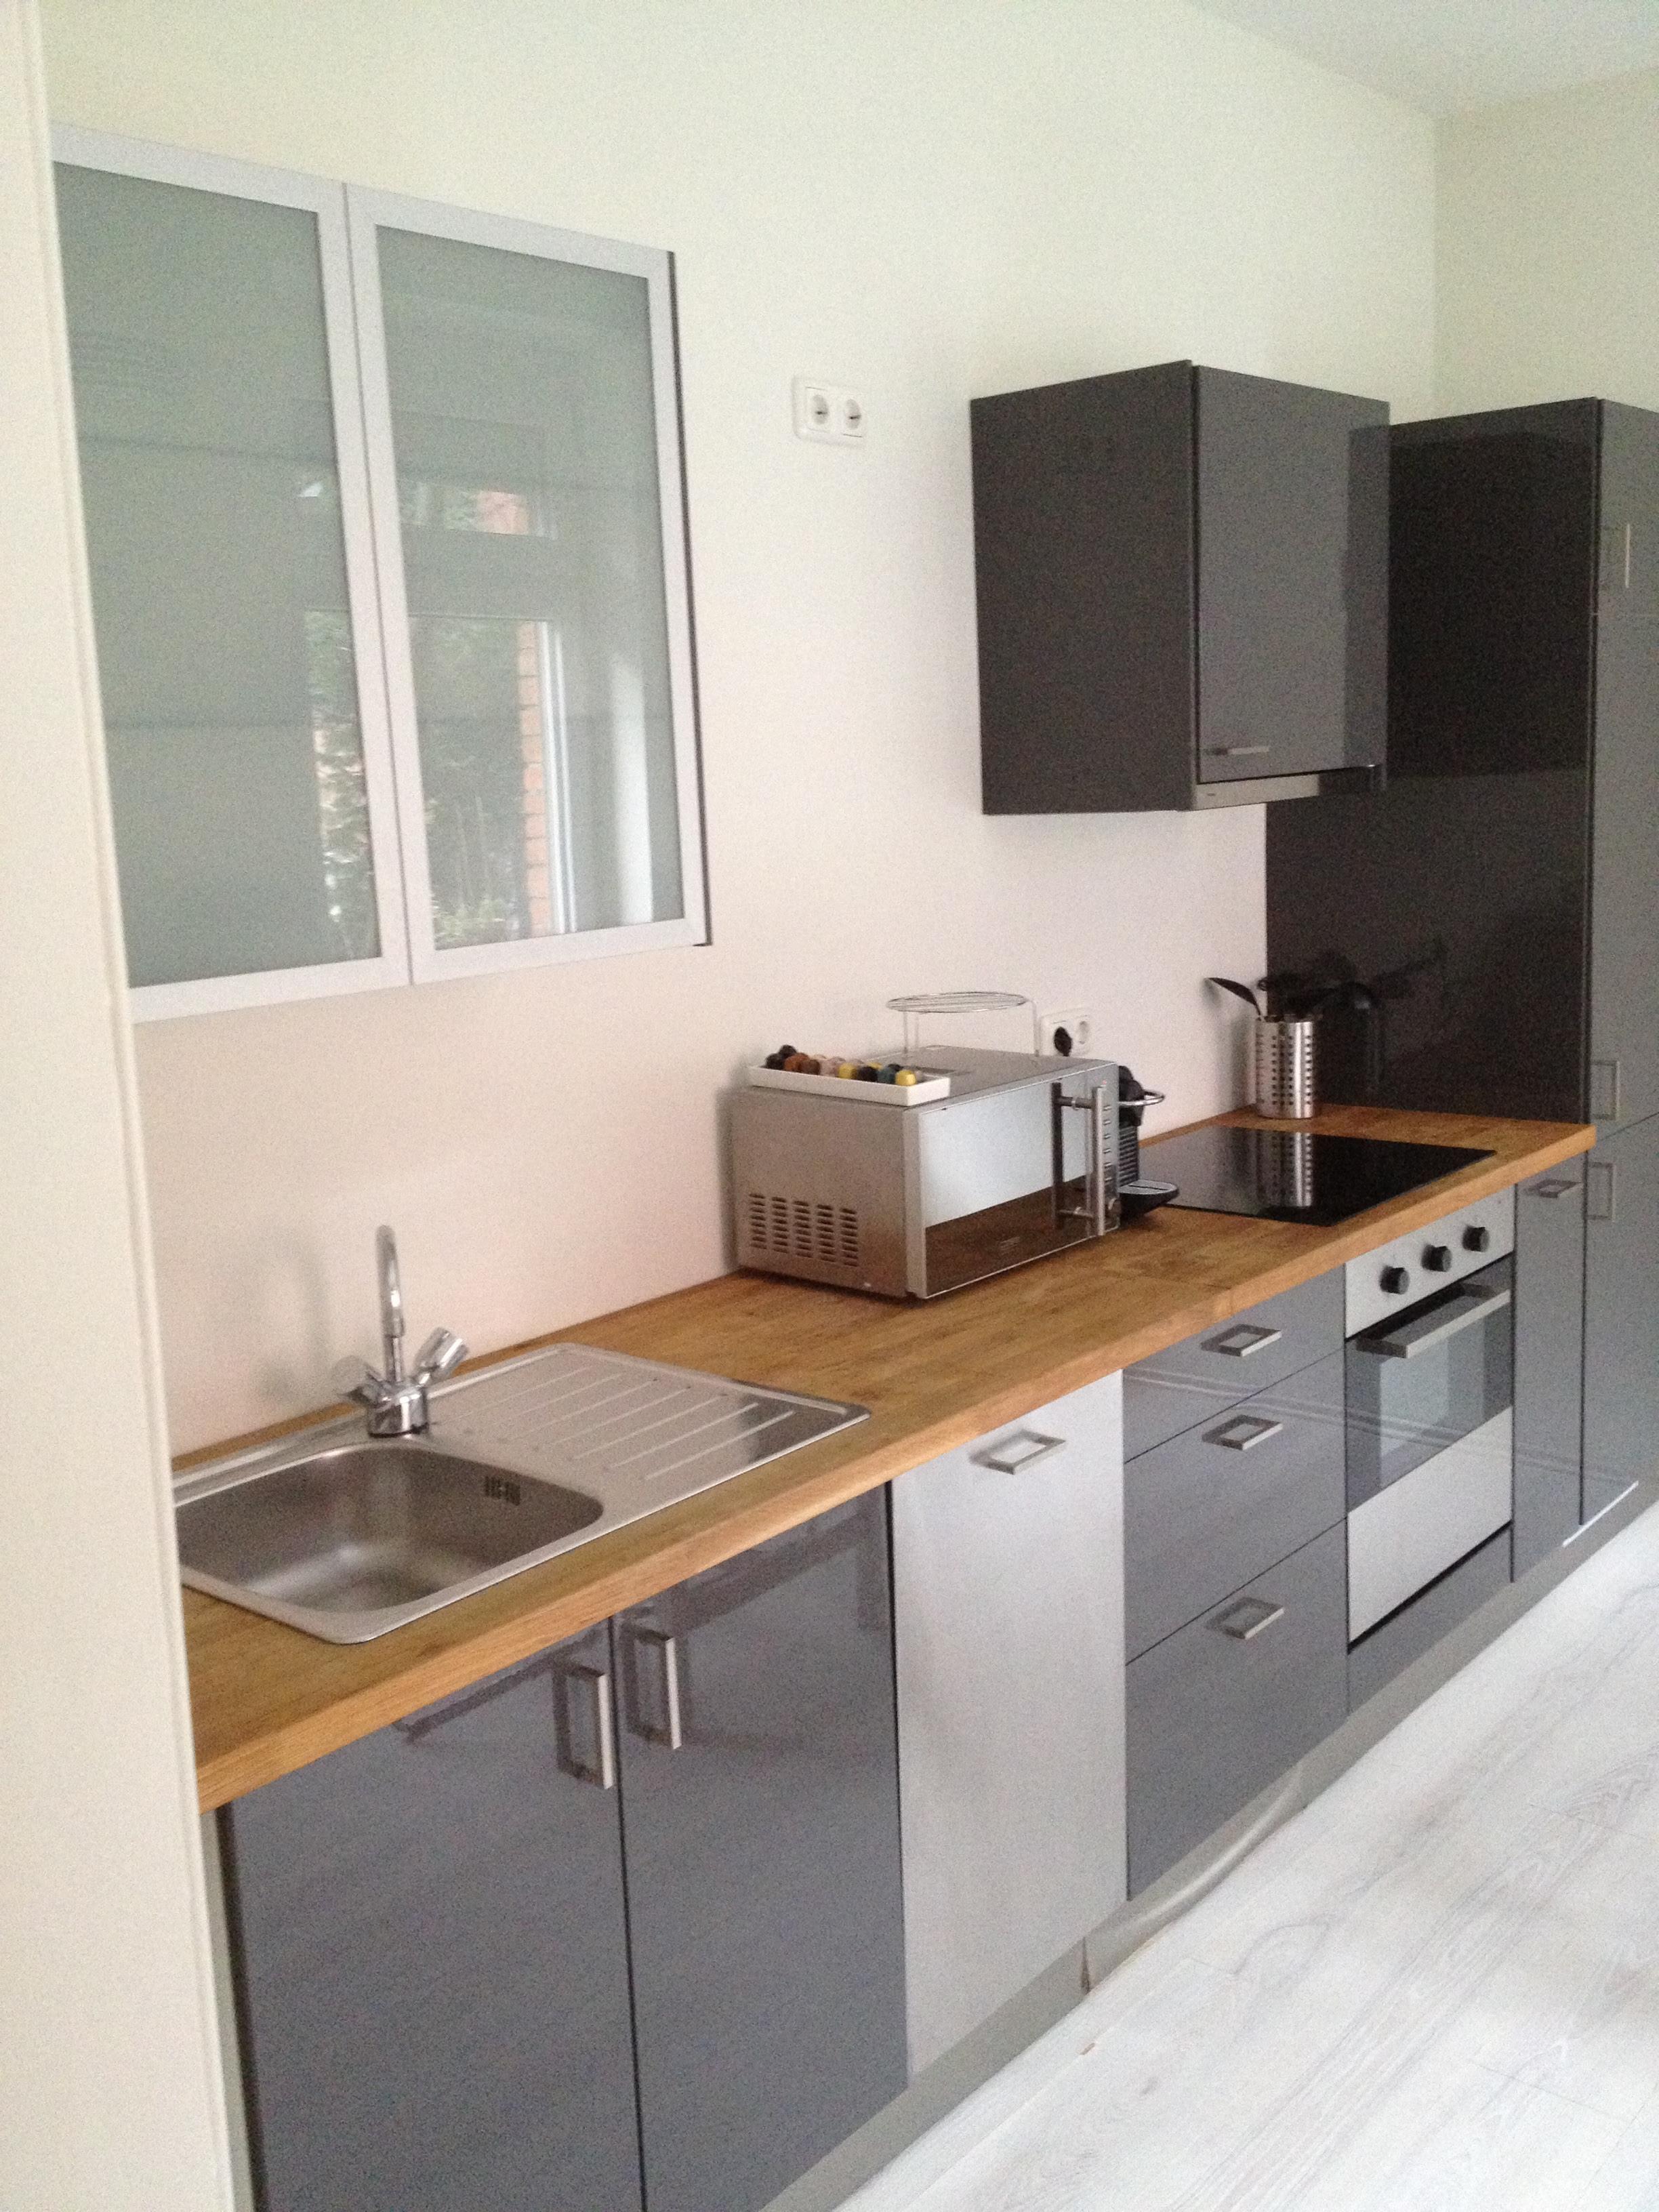 Modern Kitchen CabiHardware Placement